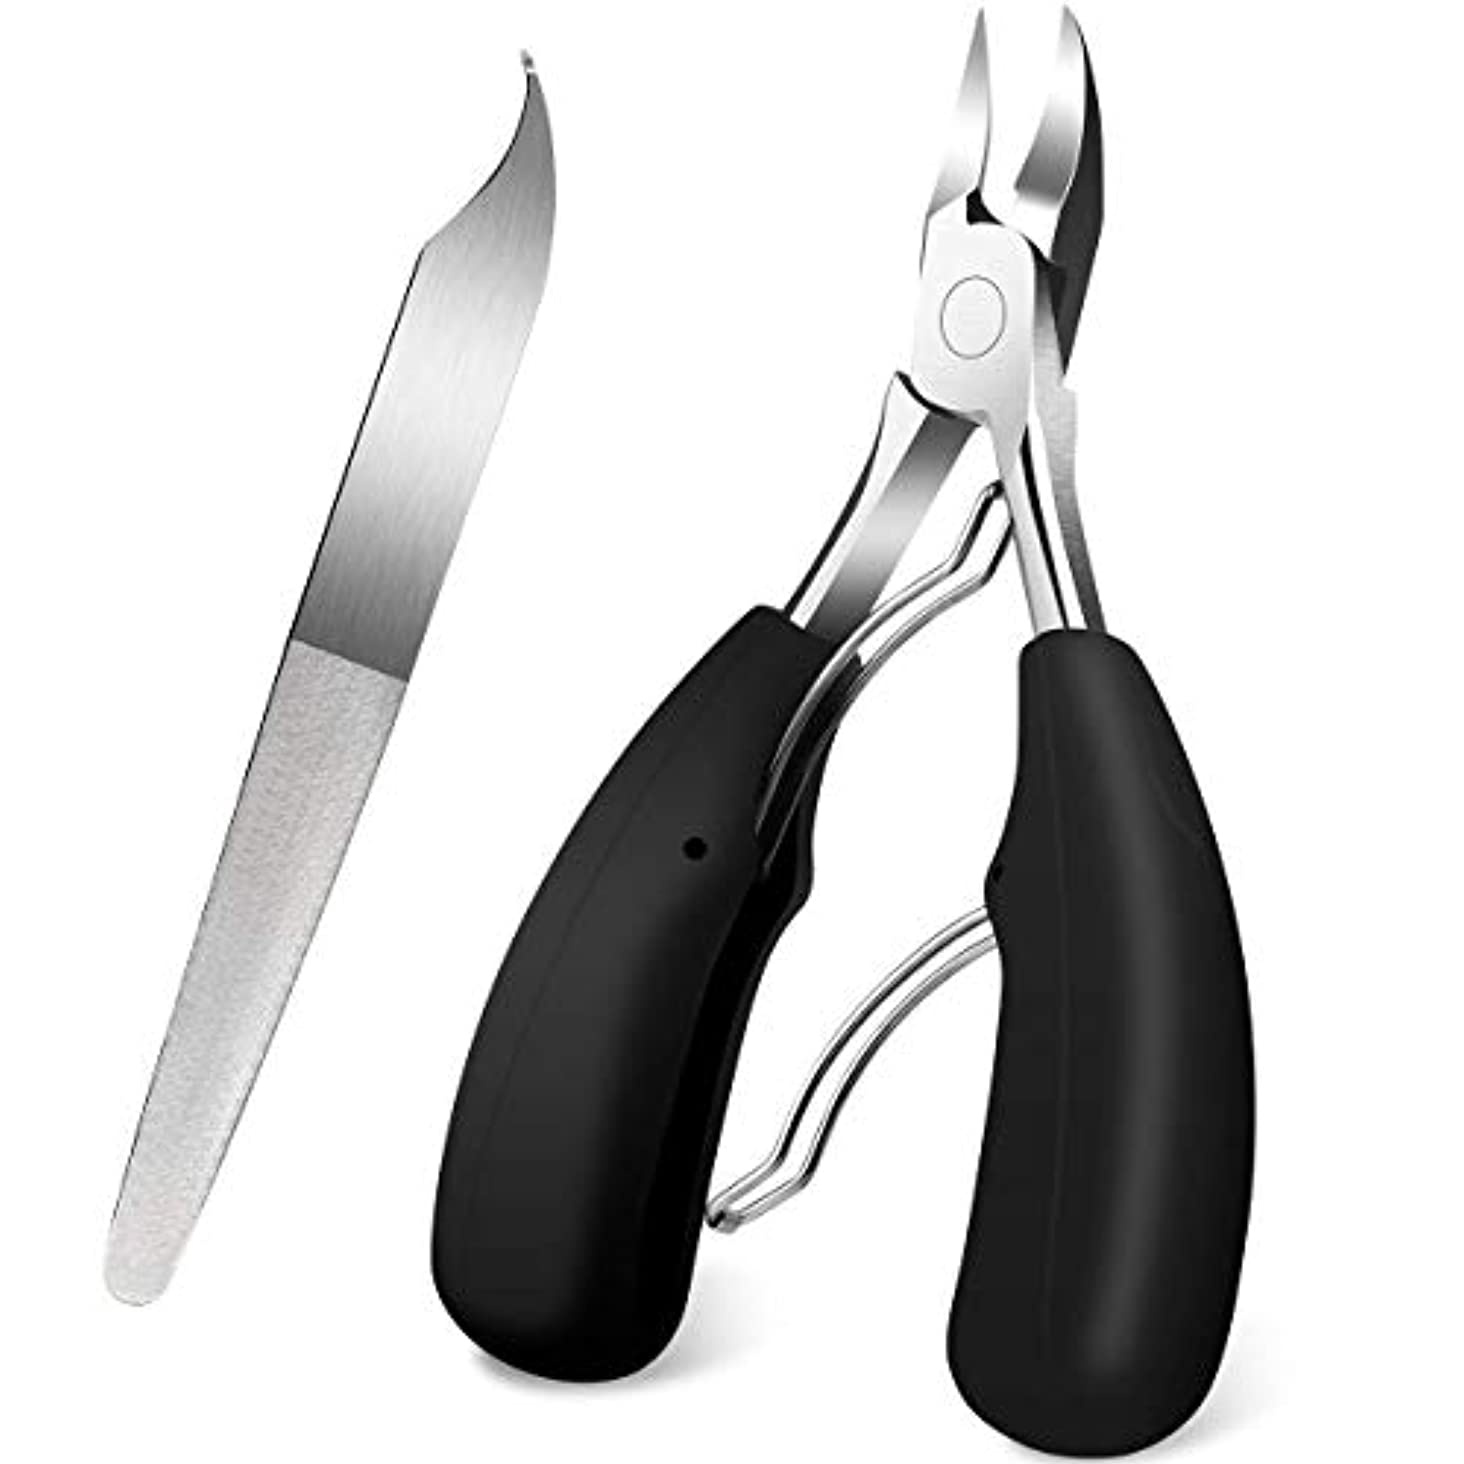 素子生理阻害する爪切り ニッパー 巻き爪 変形爪 硬い爪 ネイルケア 3way仕様爪やすり 手足兼用 つめきり (2点セット) …